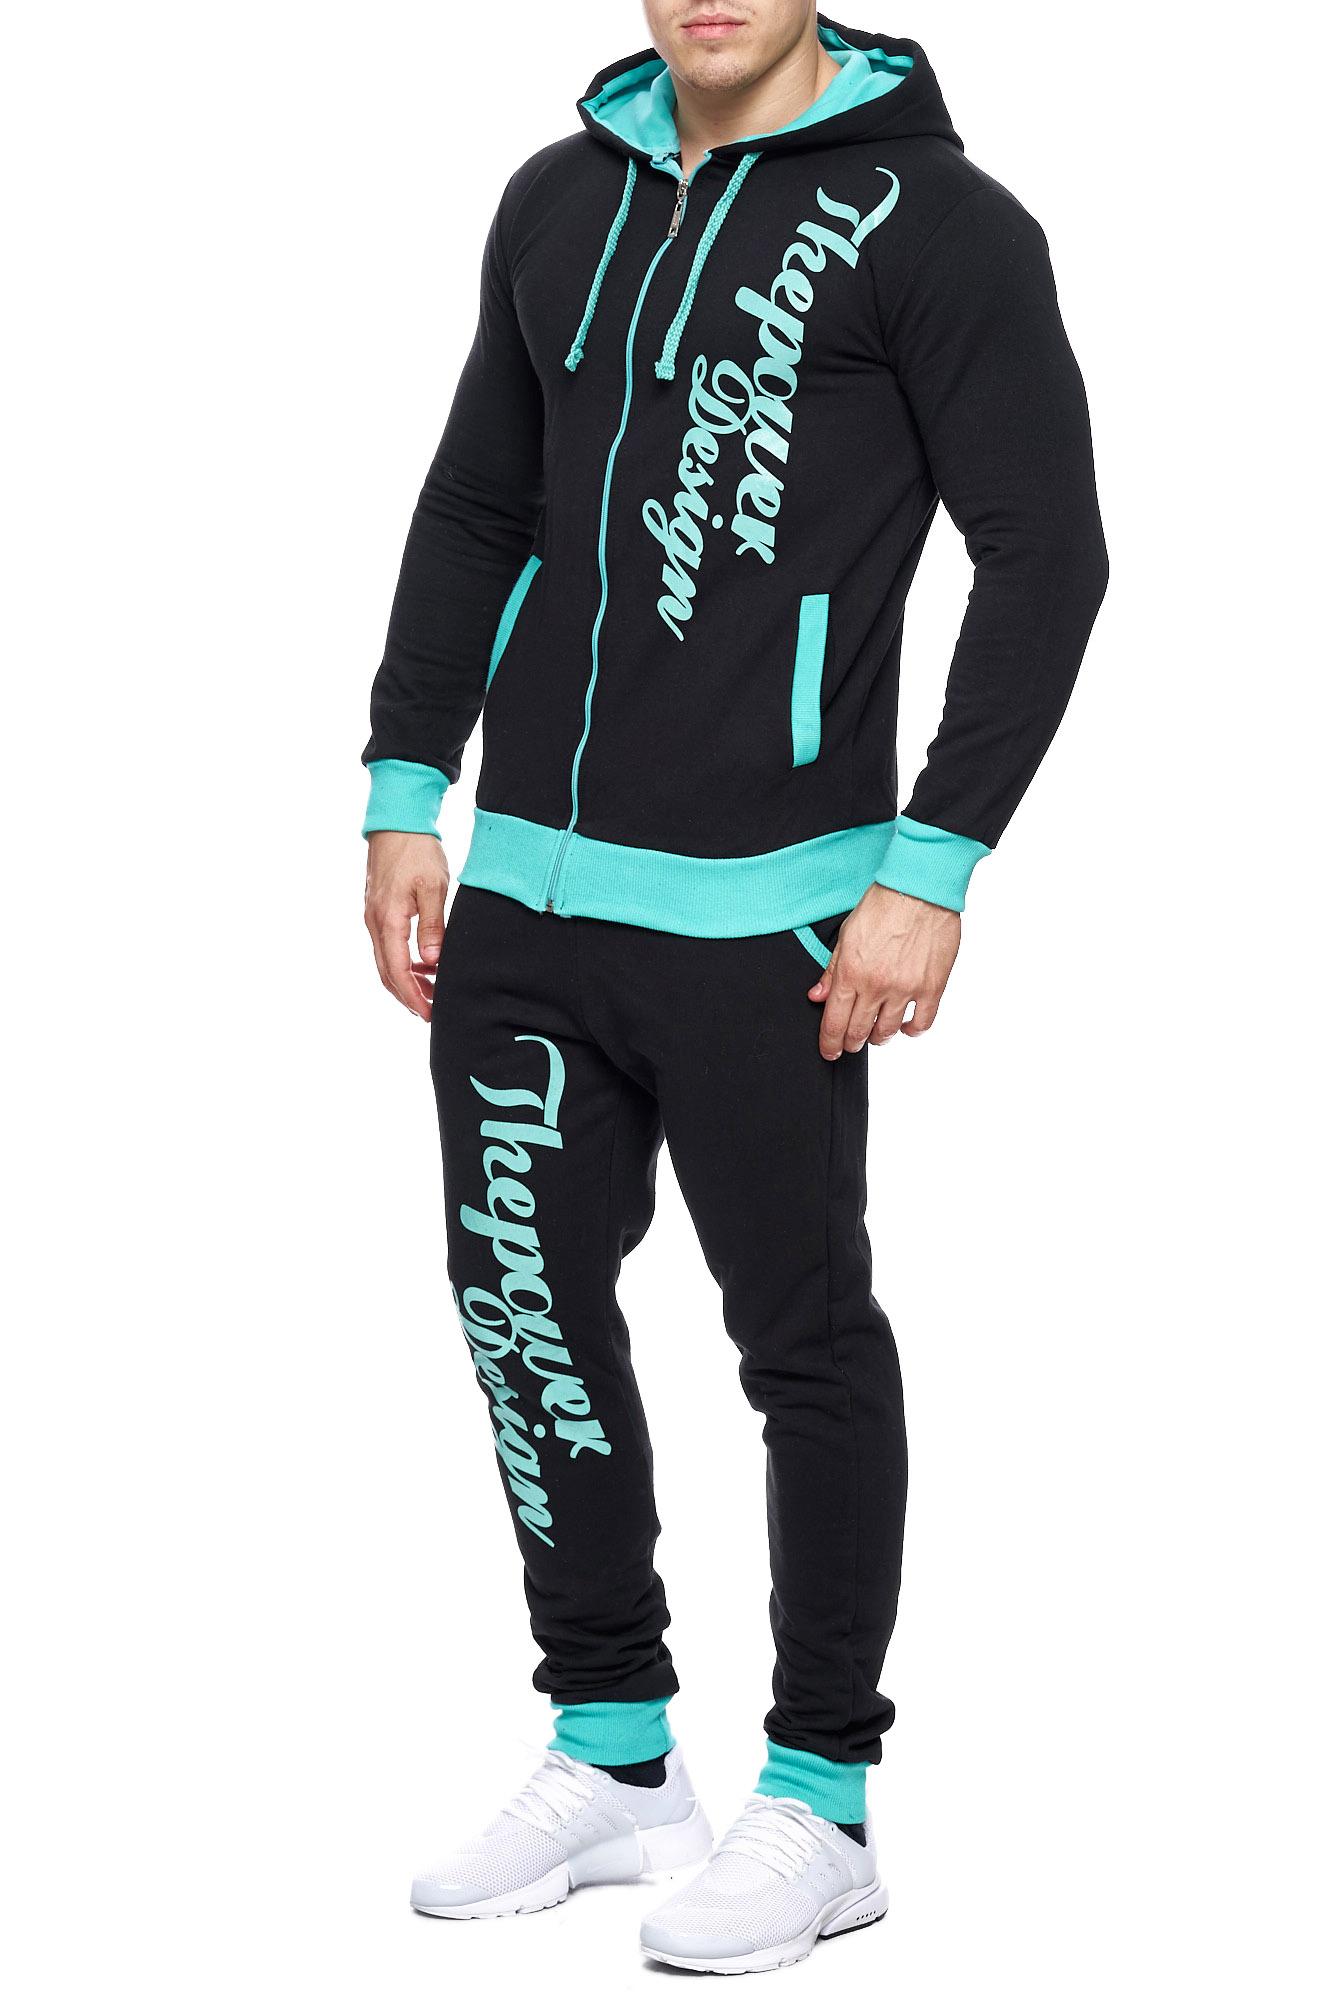 Jogging-Suit-Sports-Suit-Fitness-Power-Men-039-s-Code47 thumbnail 10